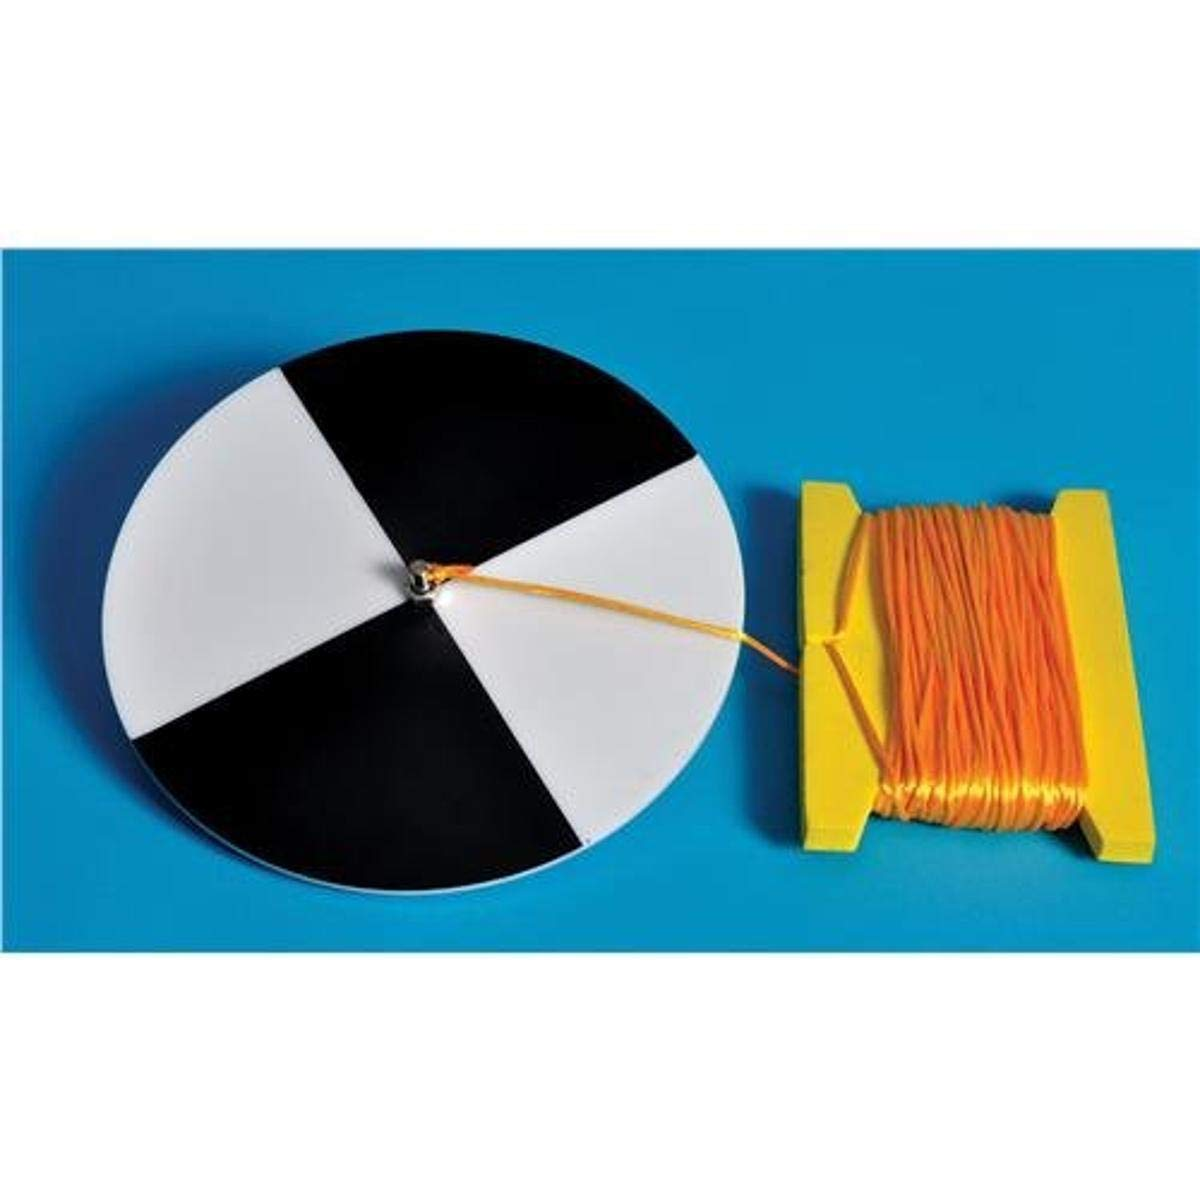 United Scientific SCDSK1 Plastic Secchi Disk